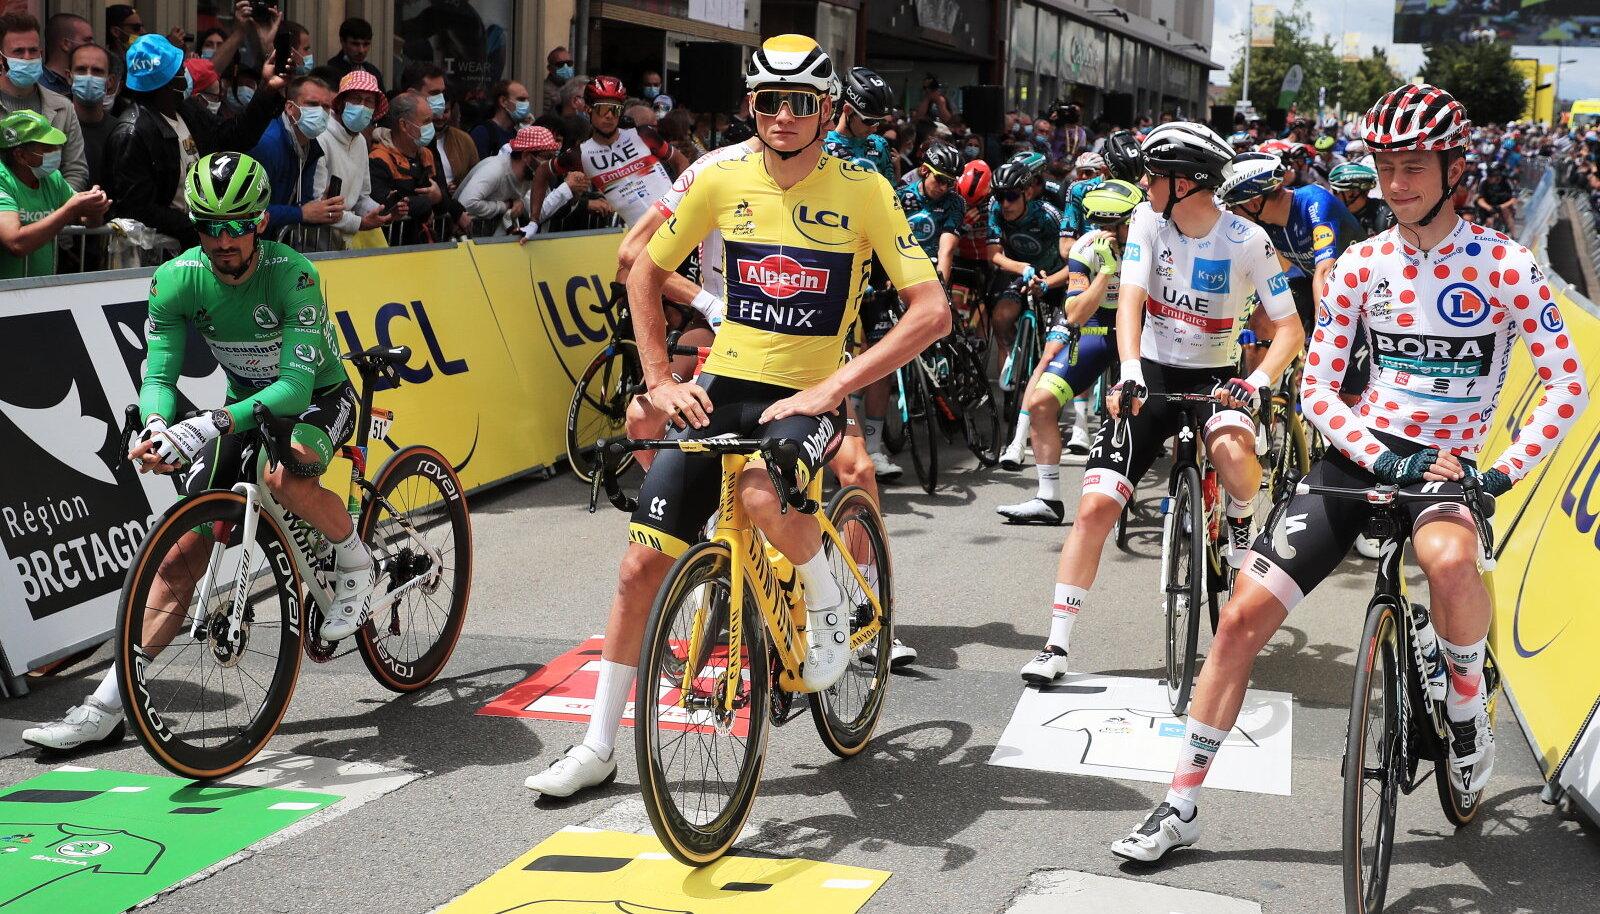 Tour de France, kollases Julian Alaphilippe